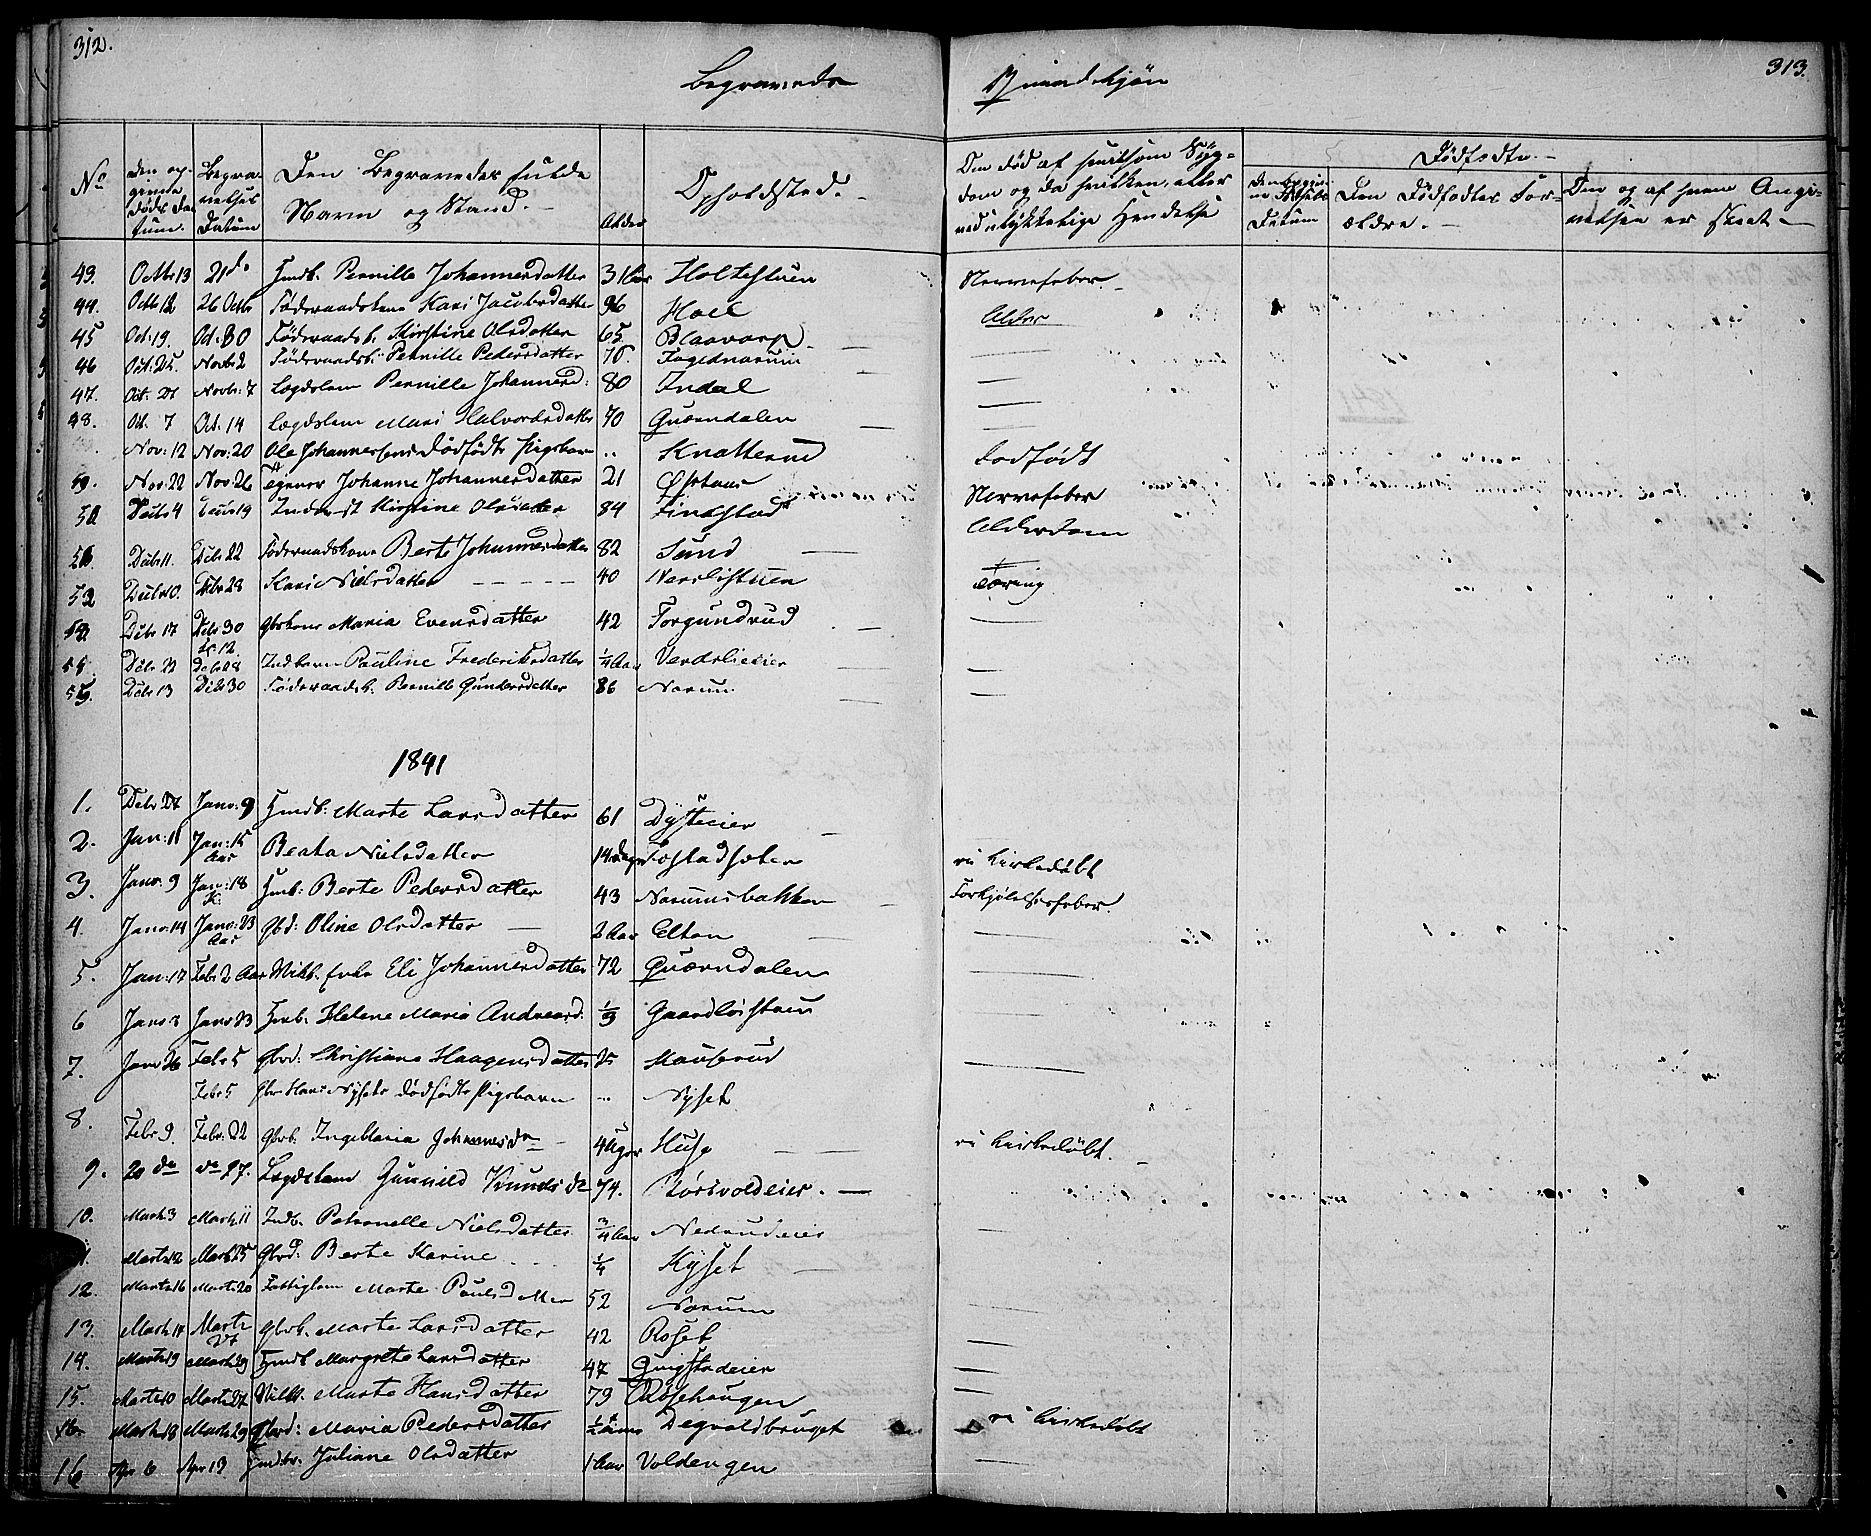 SAH, Vestre Toten prestekontor, Ministerialbok nr. 3, 1836-1843, s. 312-313